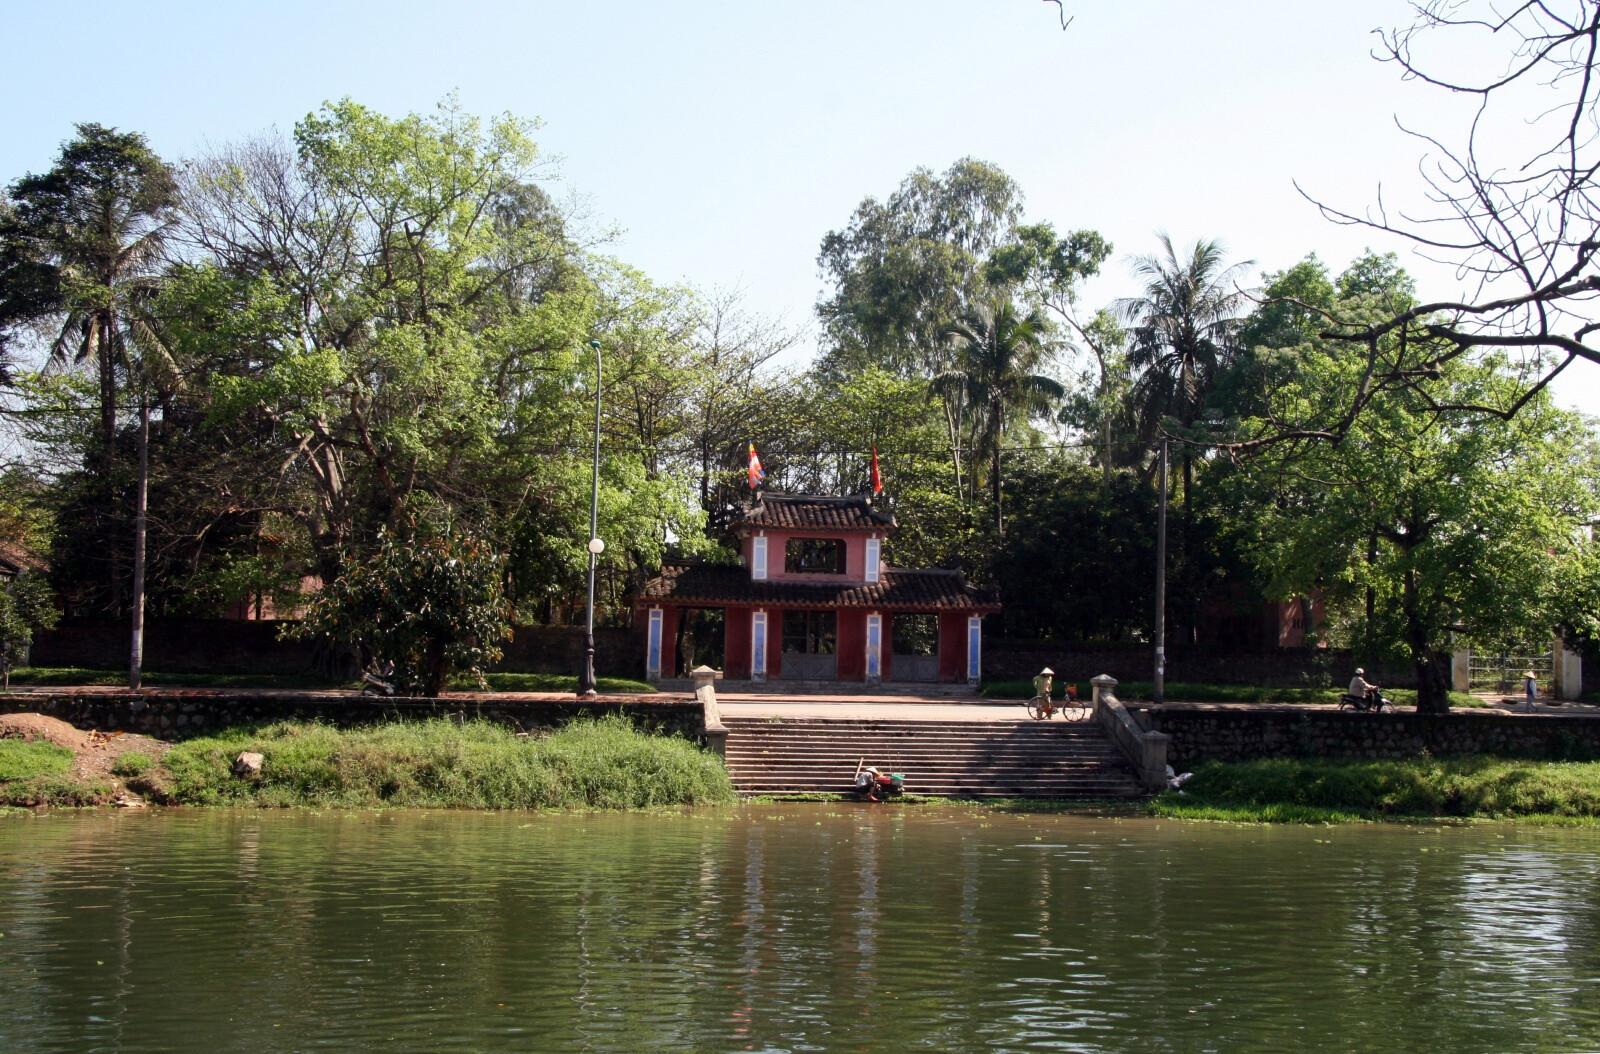 На фото вьетнамская пагода Dieu De